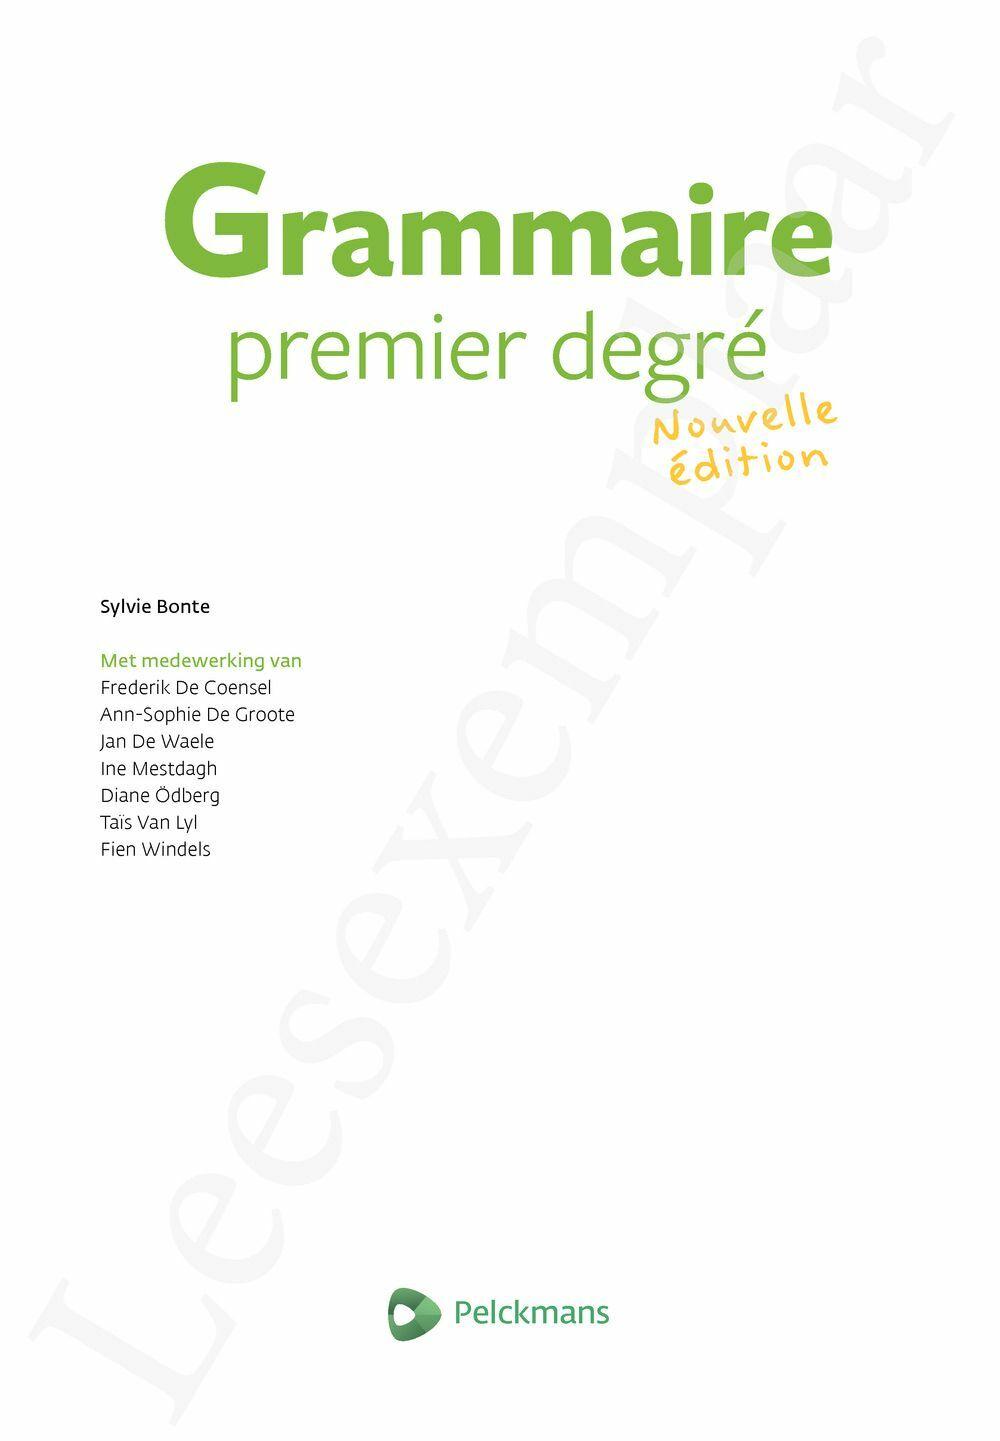 Preview: Grammaire Premier degré Nouvelle édition